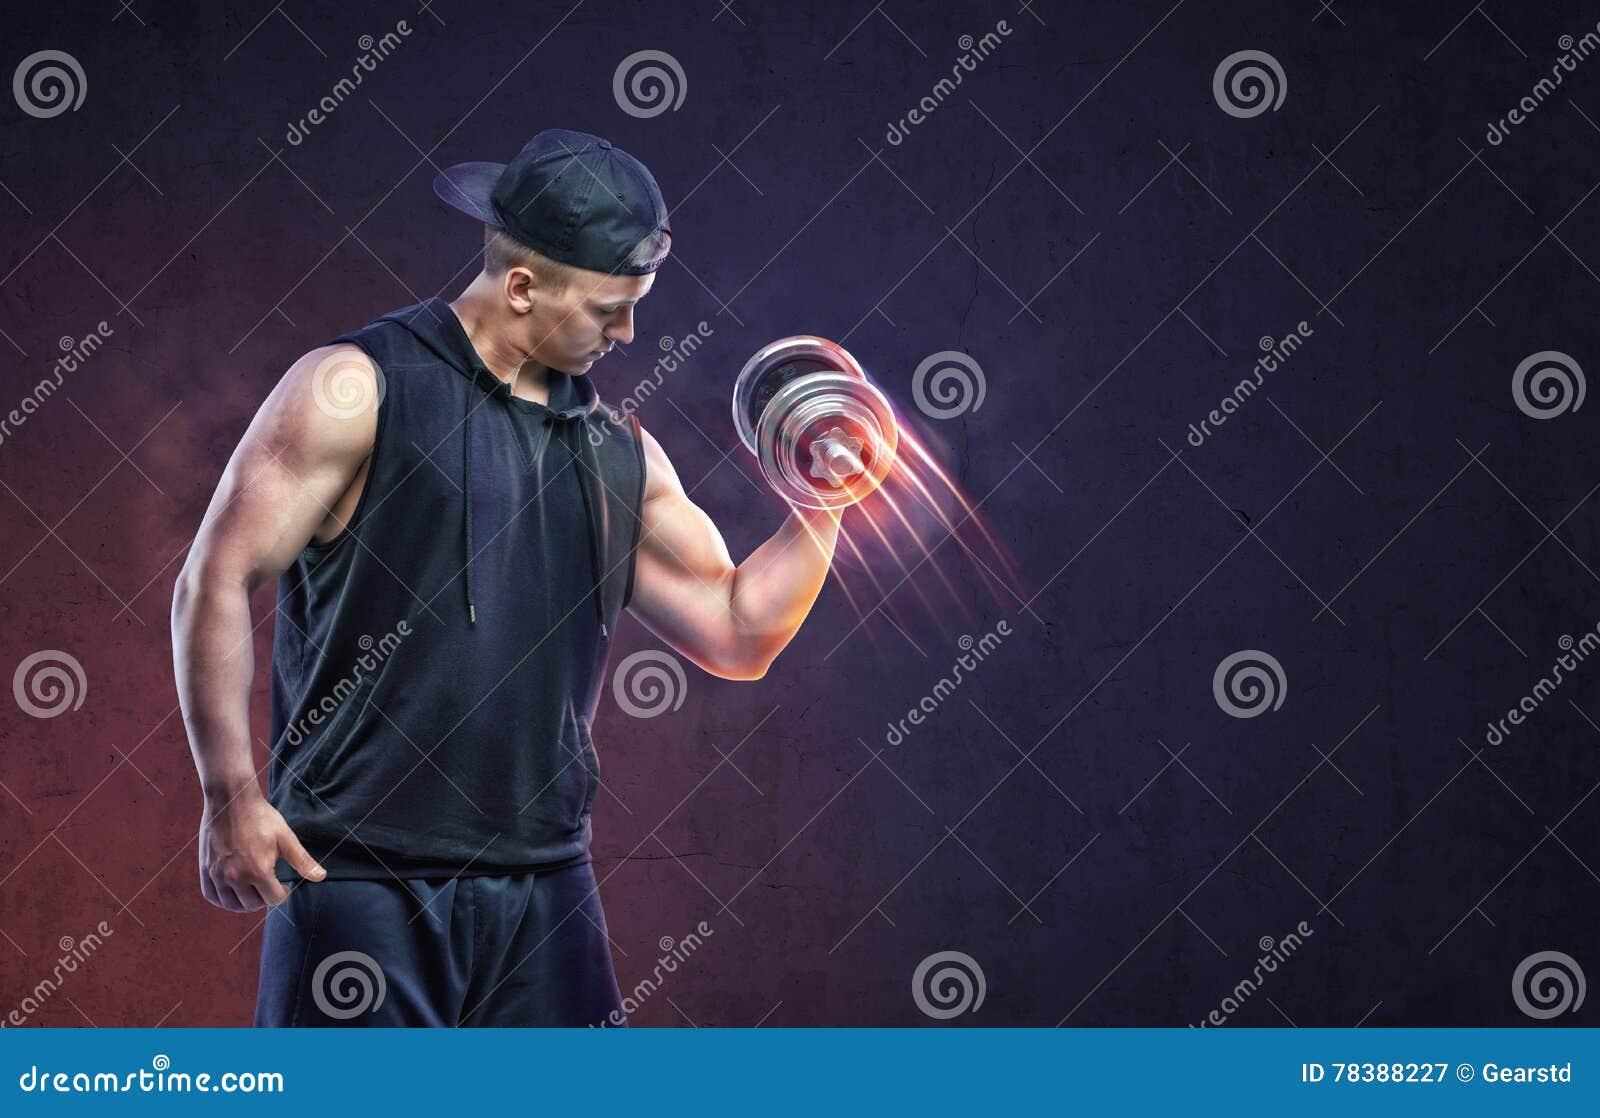 Muskulös ung grabb som lyfter en hantel till utbildning av hans biceps